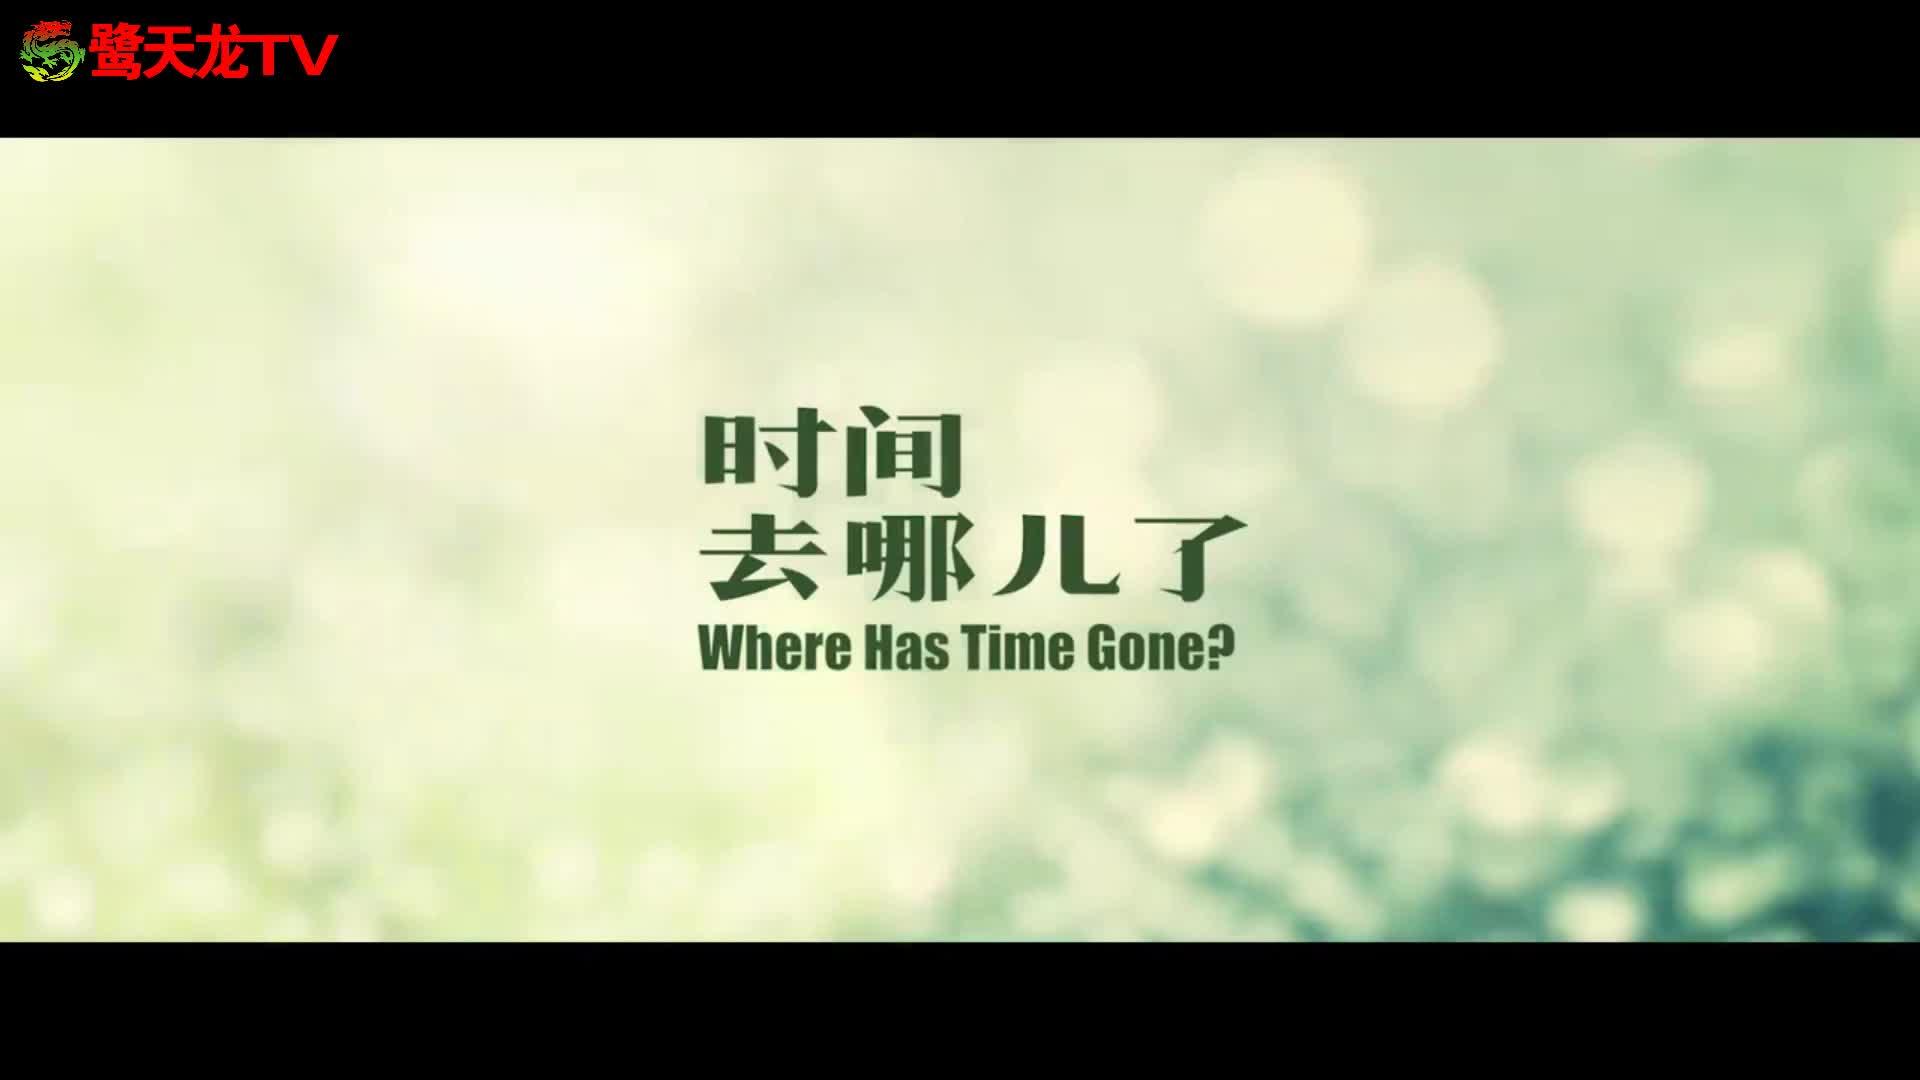 《时间去哪儿了》国际大导首度携手 一片尽览五种画风